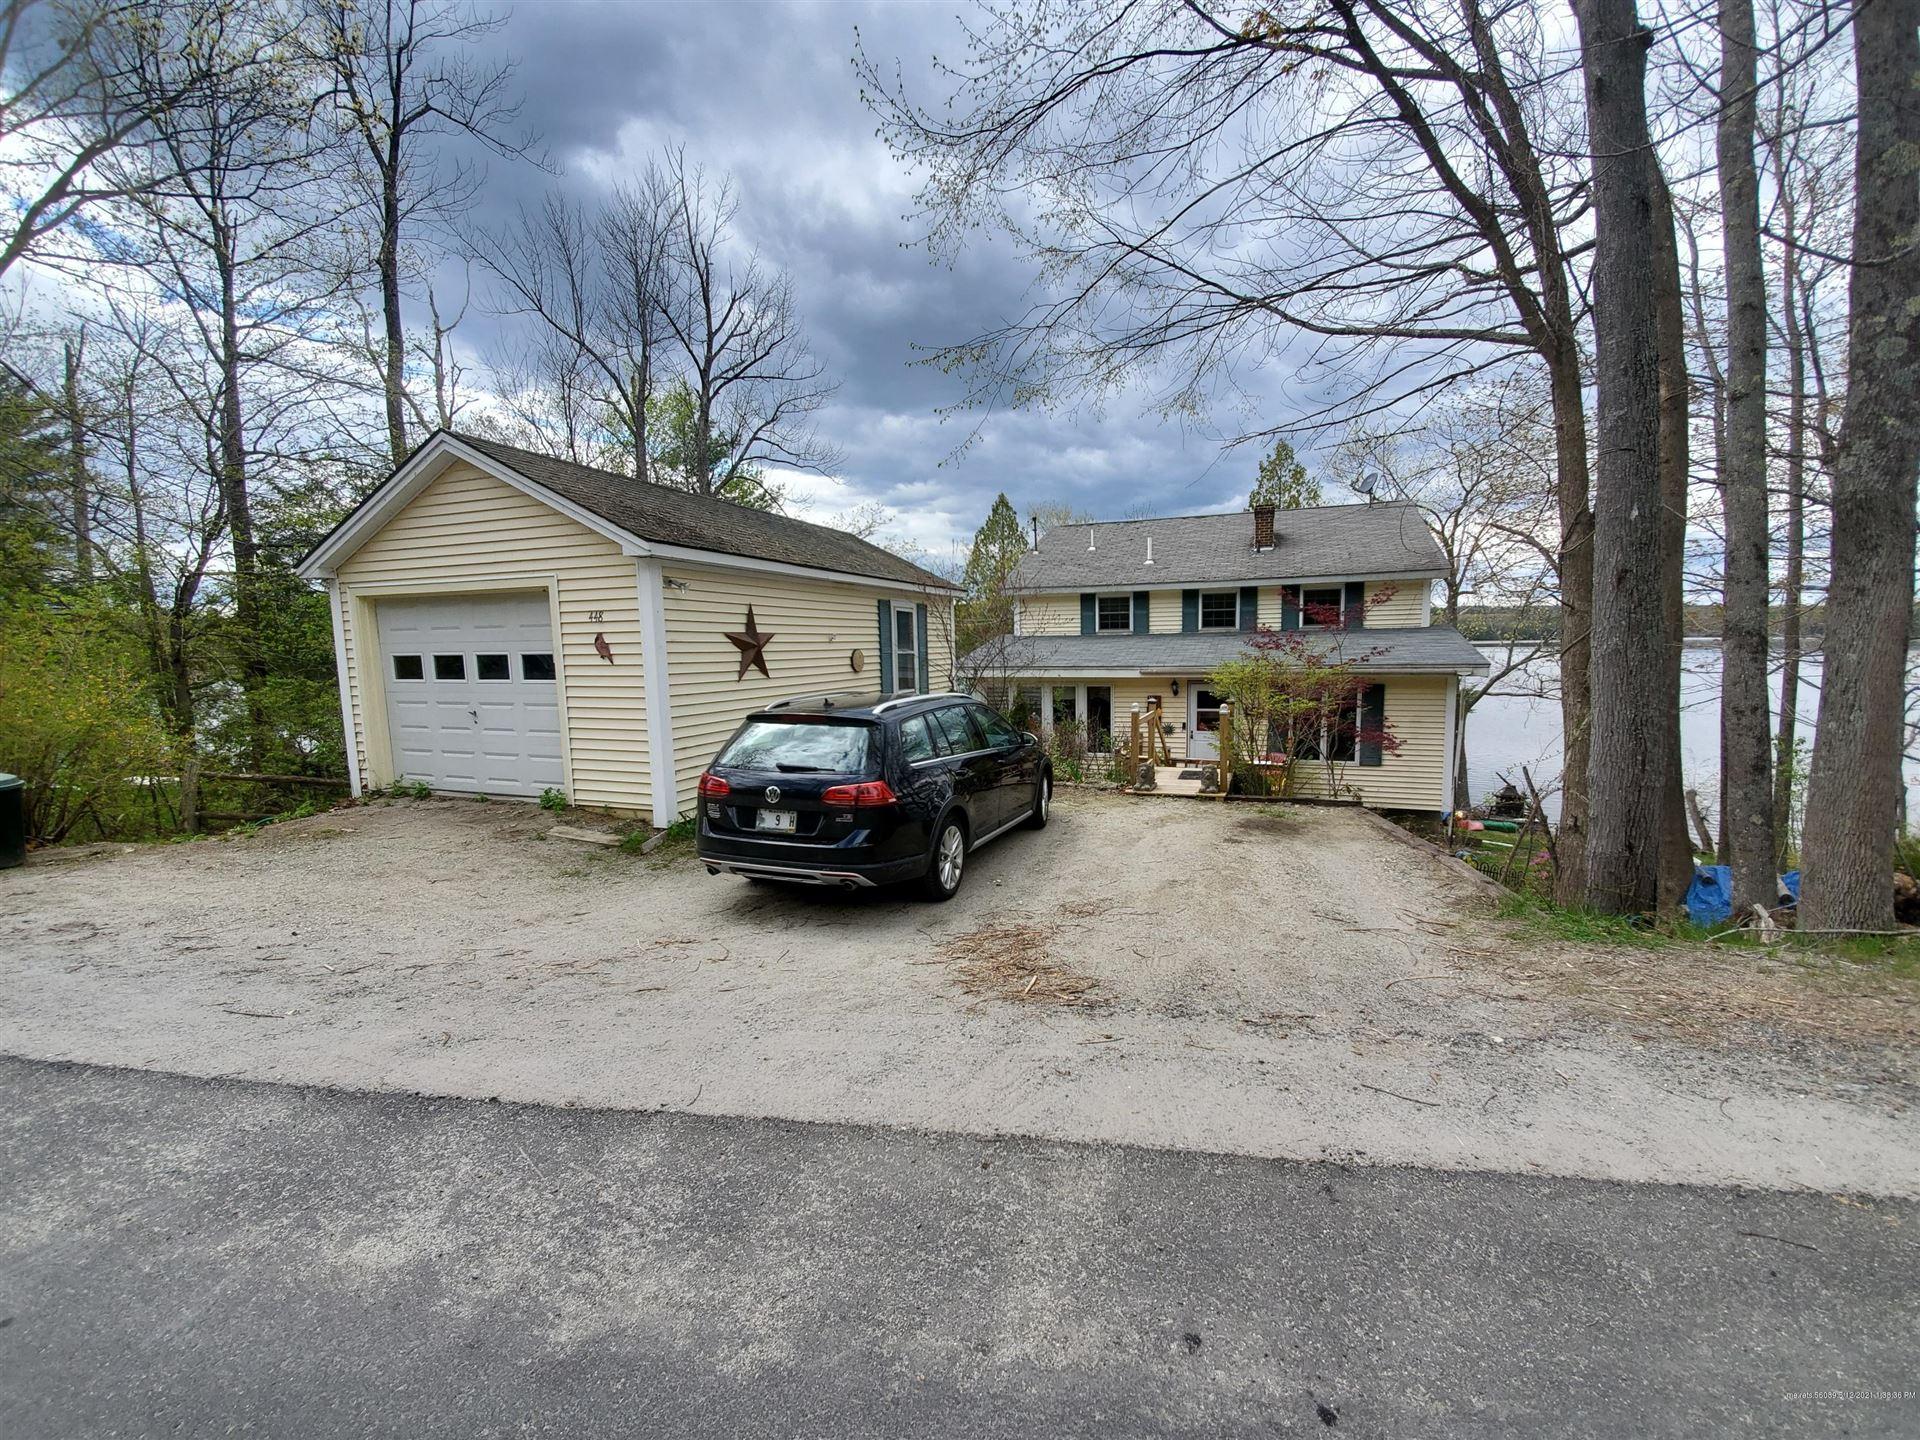 Photo of 448 Memorial Drive, Winthrop, ME 04364 (MLS # 1491160)